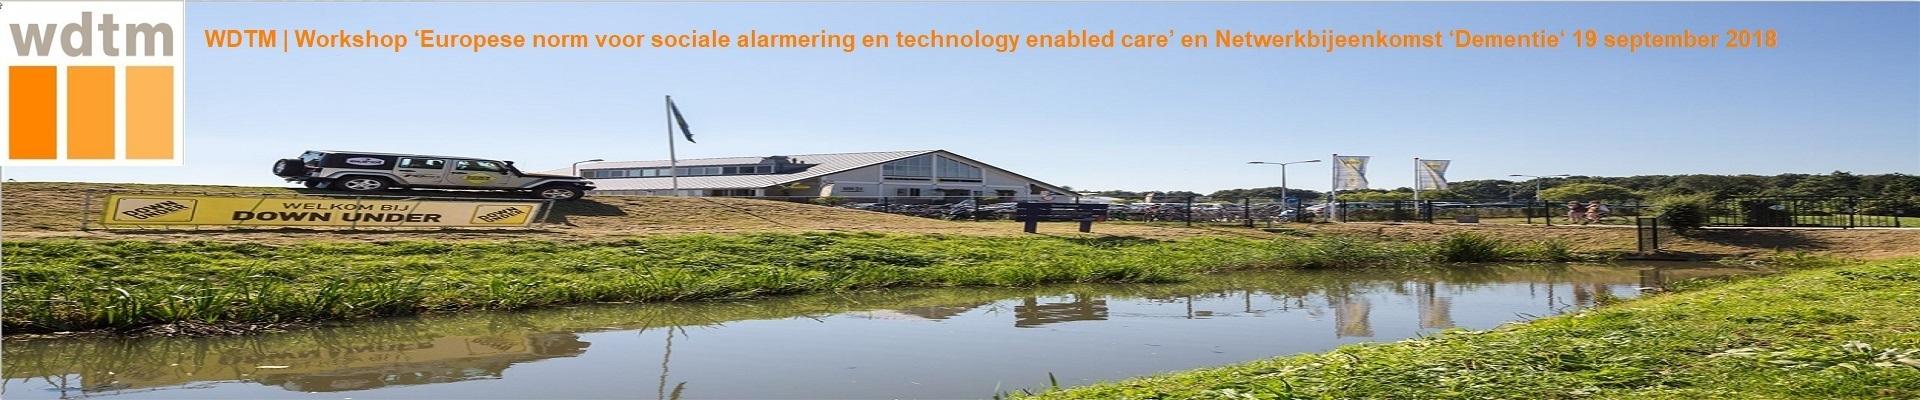 WDTM Workshop 'Europese norm voor sociale alarmering en technology enabled care' en Netwerkbijeenkomst over 'Dementie' d.d. 19 september 2018